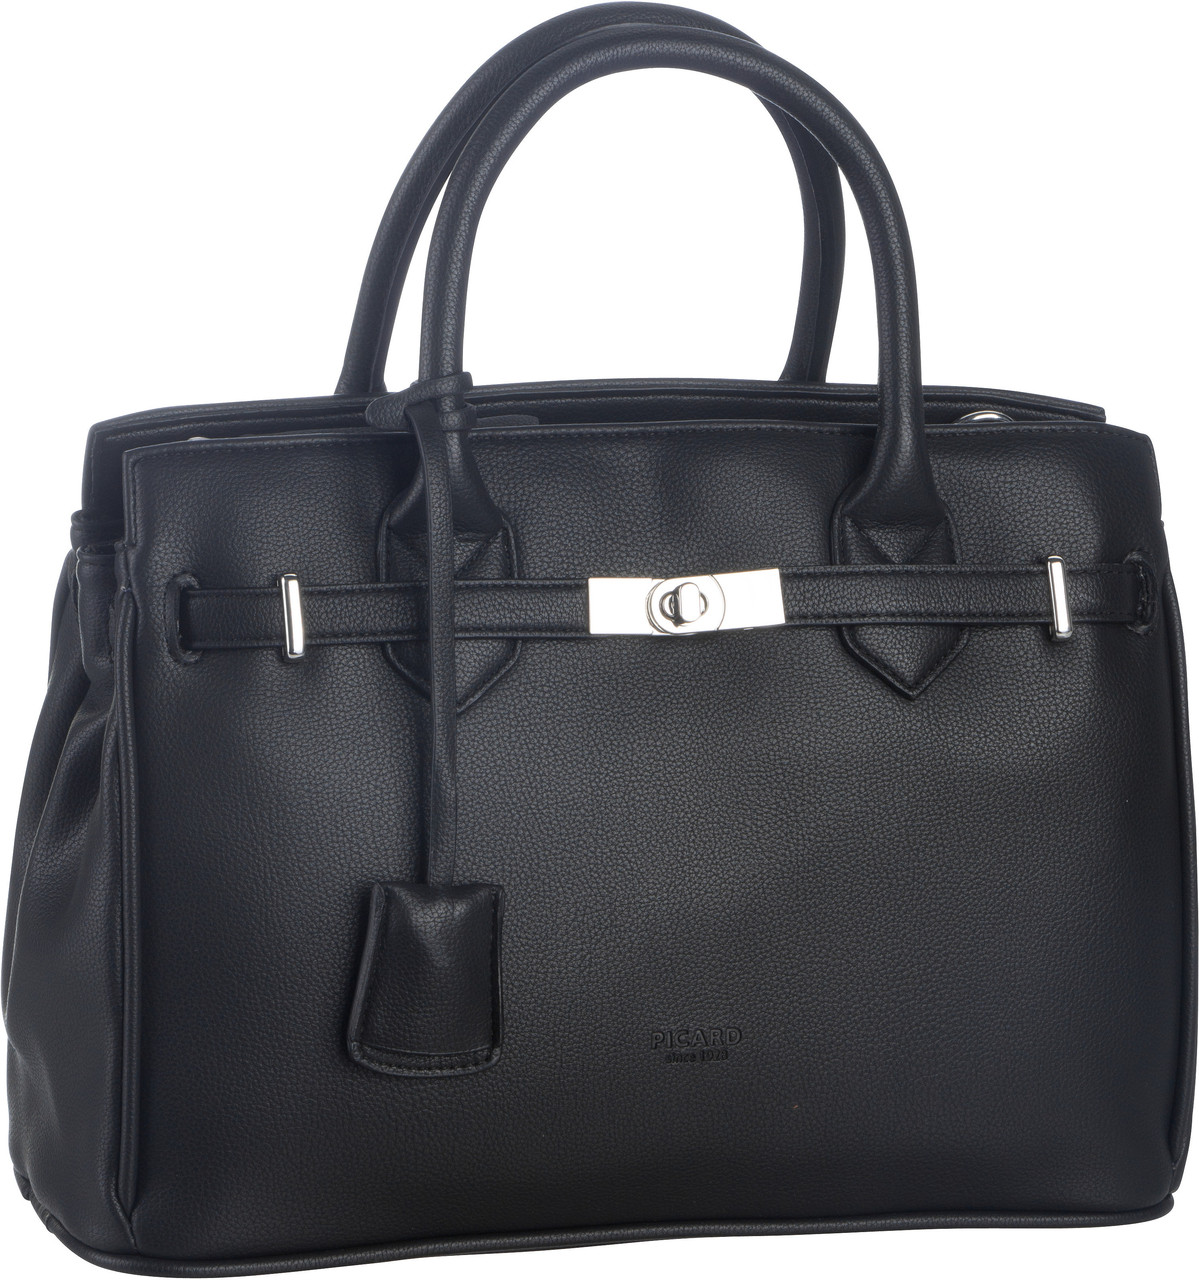 Handtasche New York 9679 Schwarz